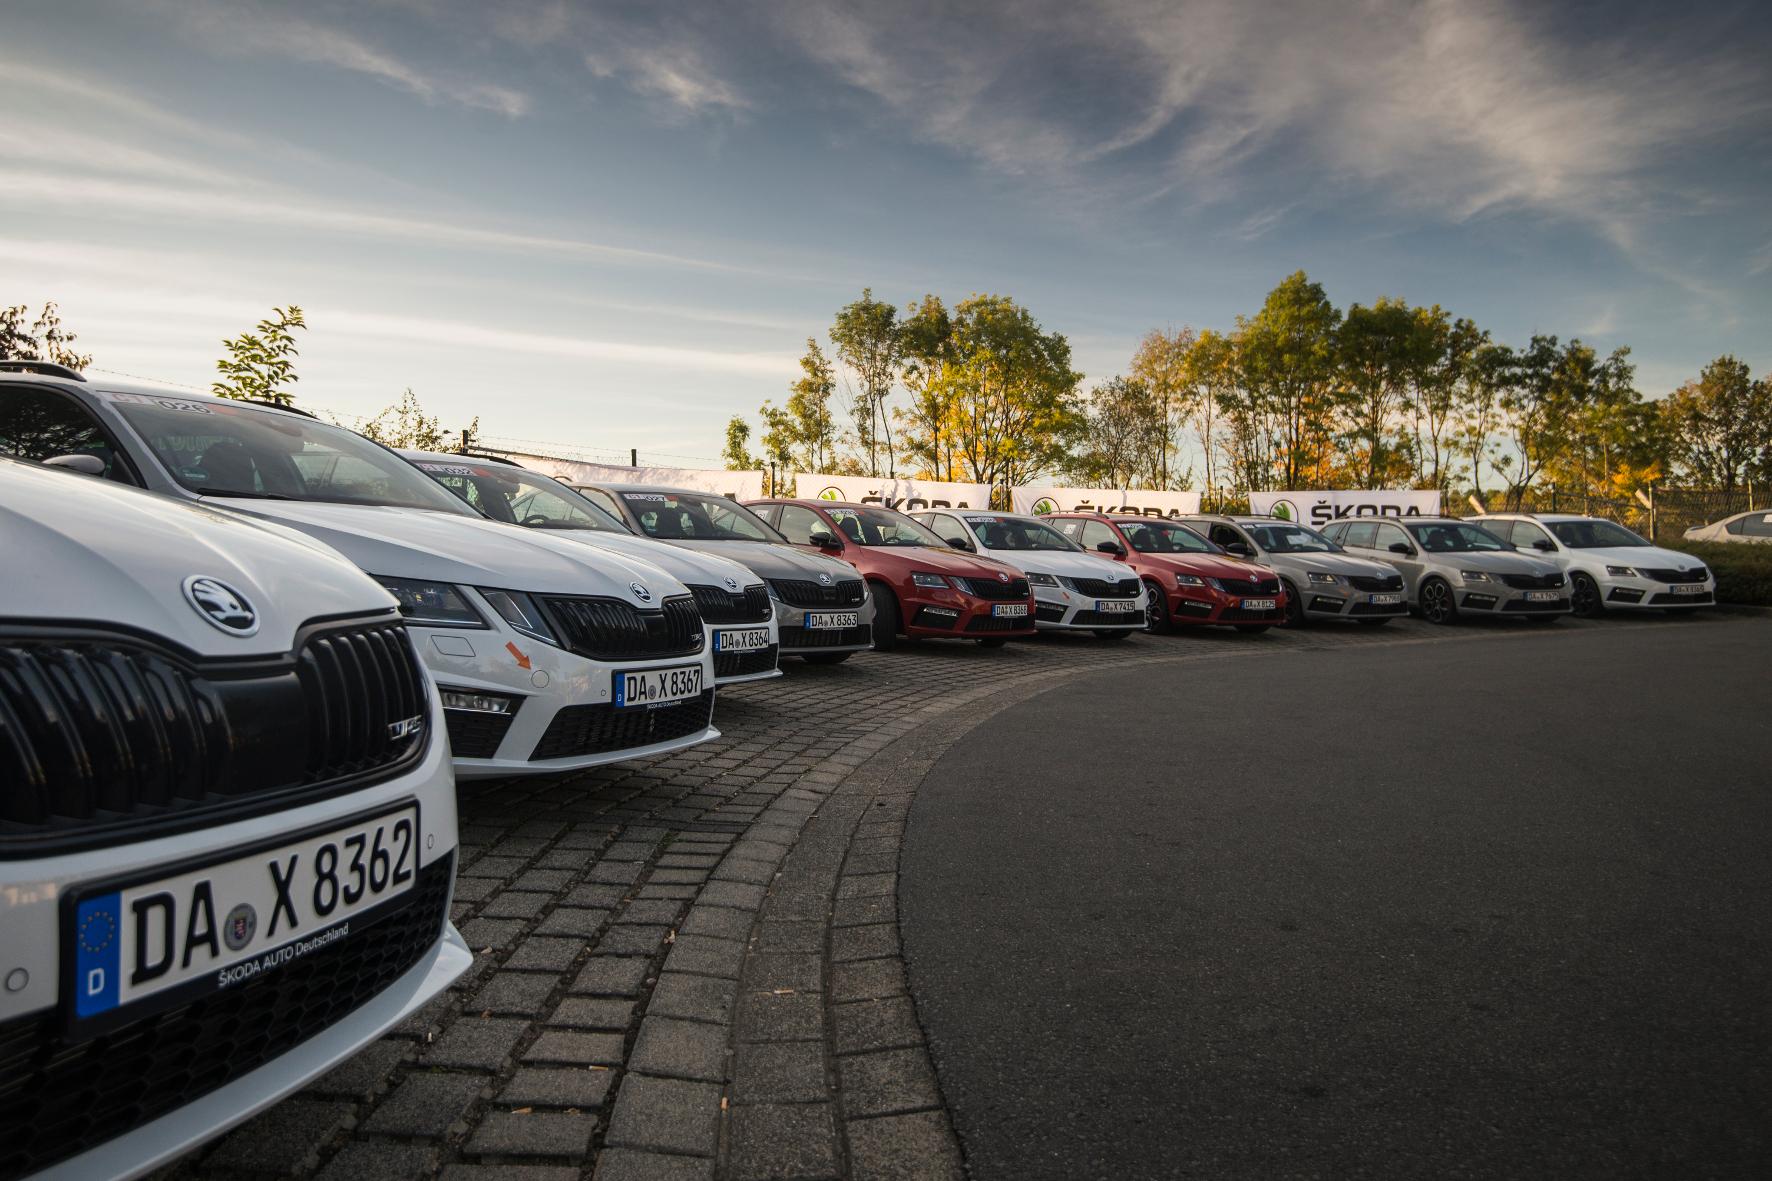 mid Nürburgring - Skoda Auto Deutschland stellt für das Herbsttraining das sportliche Familienauto Octavia RS als Limousine und Kombi zur Verfügung. Skoda